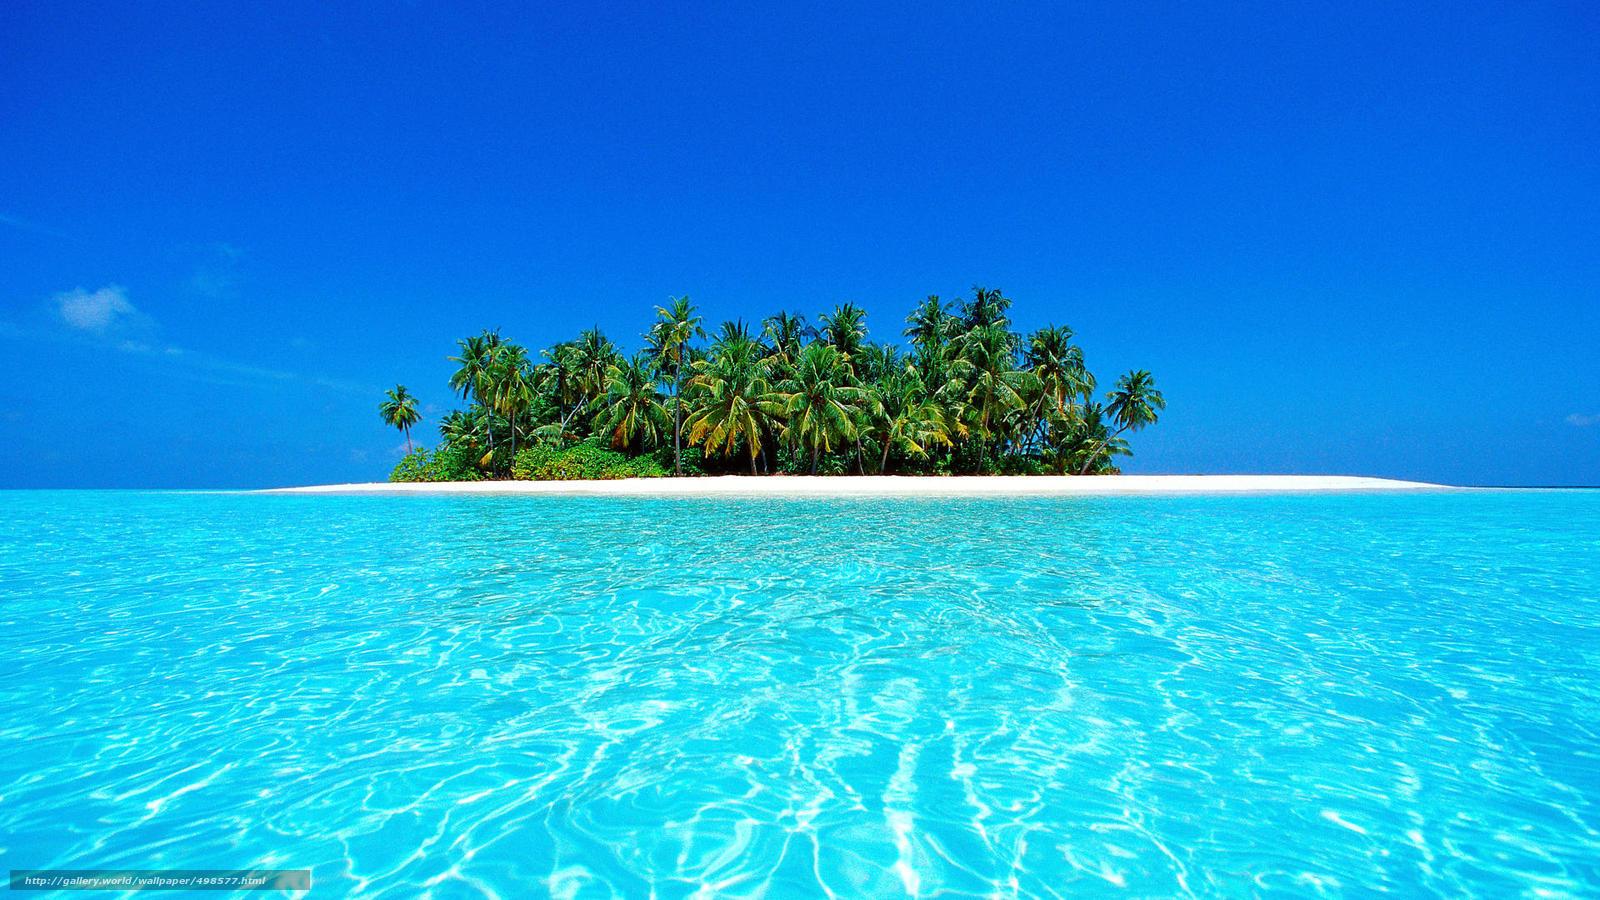 Scaricare Gli Sfondi Maldive Tropici Spiaggia Isola Sfondi Gratis